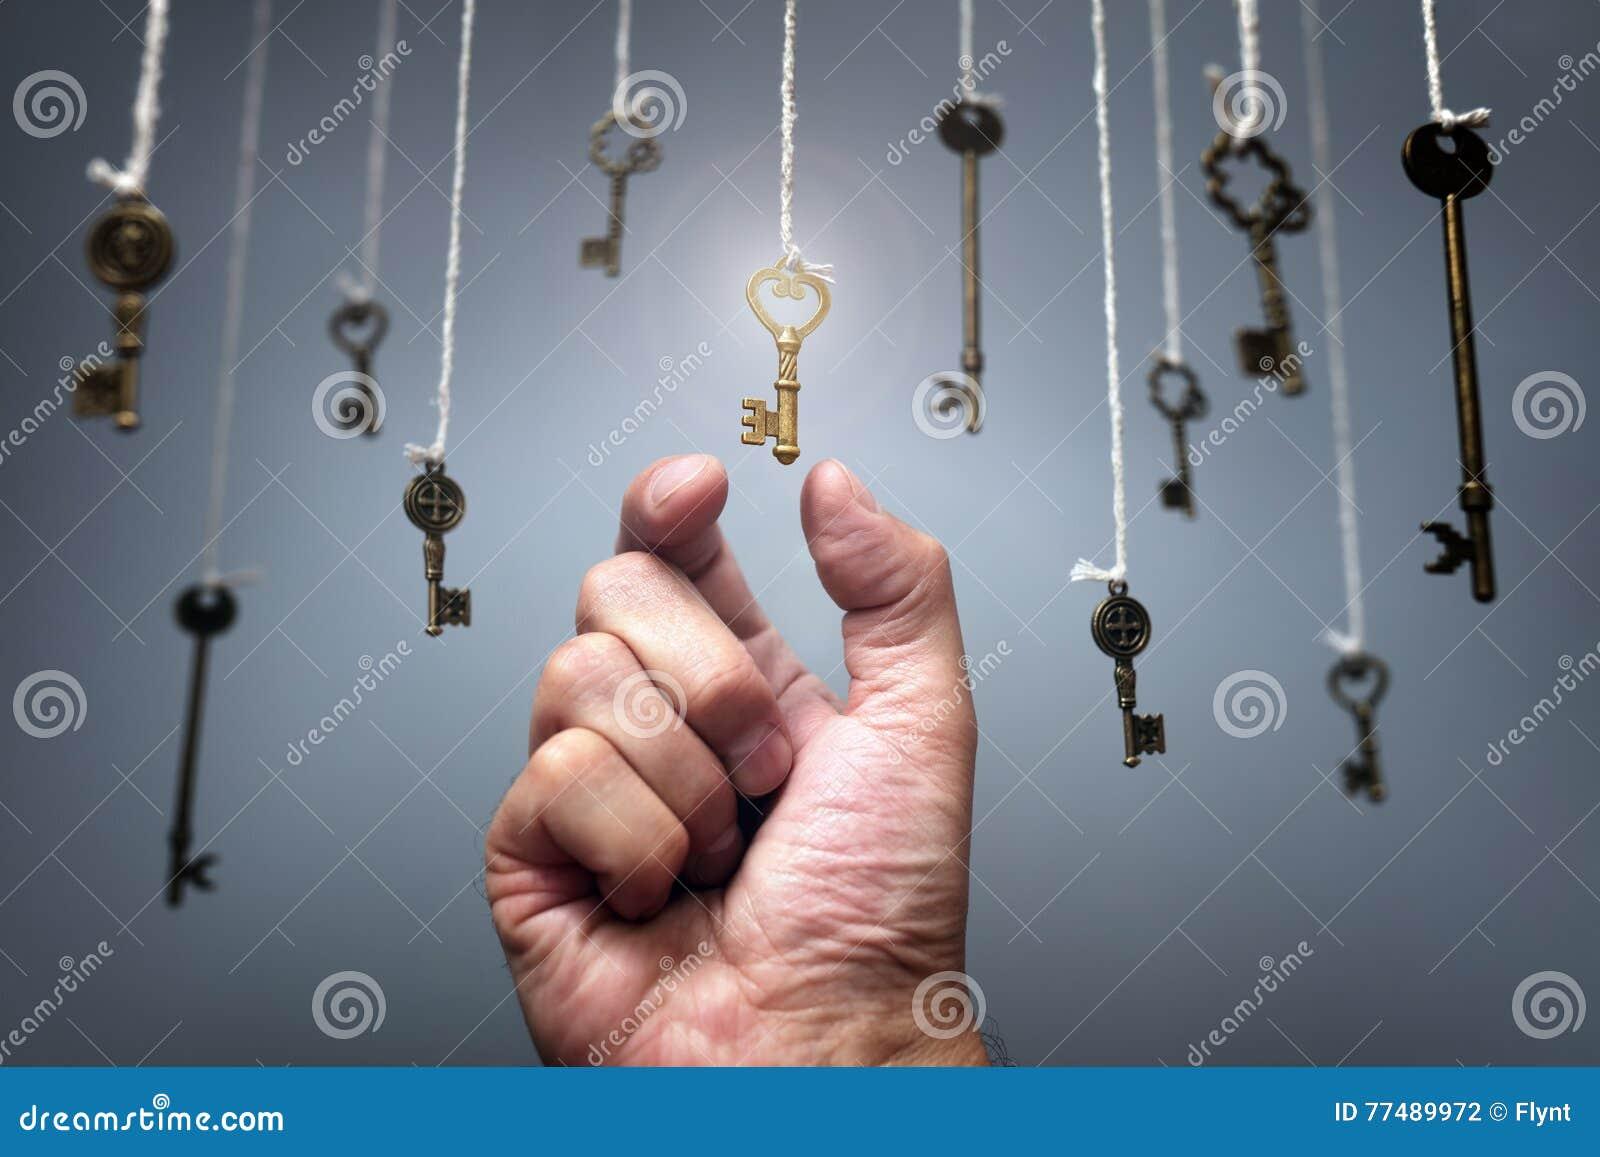 Wählen des Schlüssels zum Erfolg